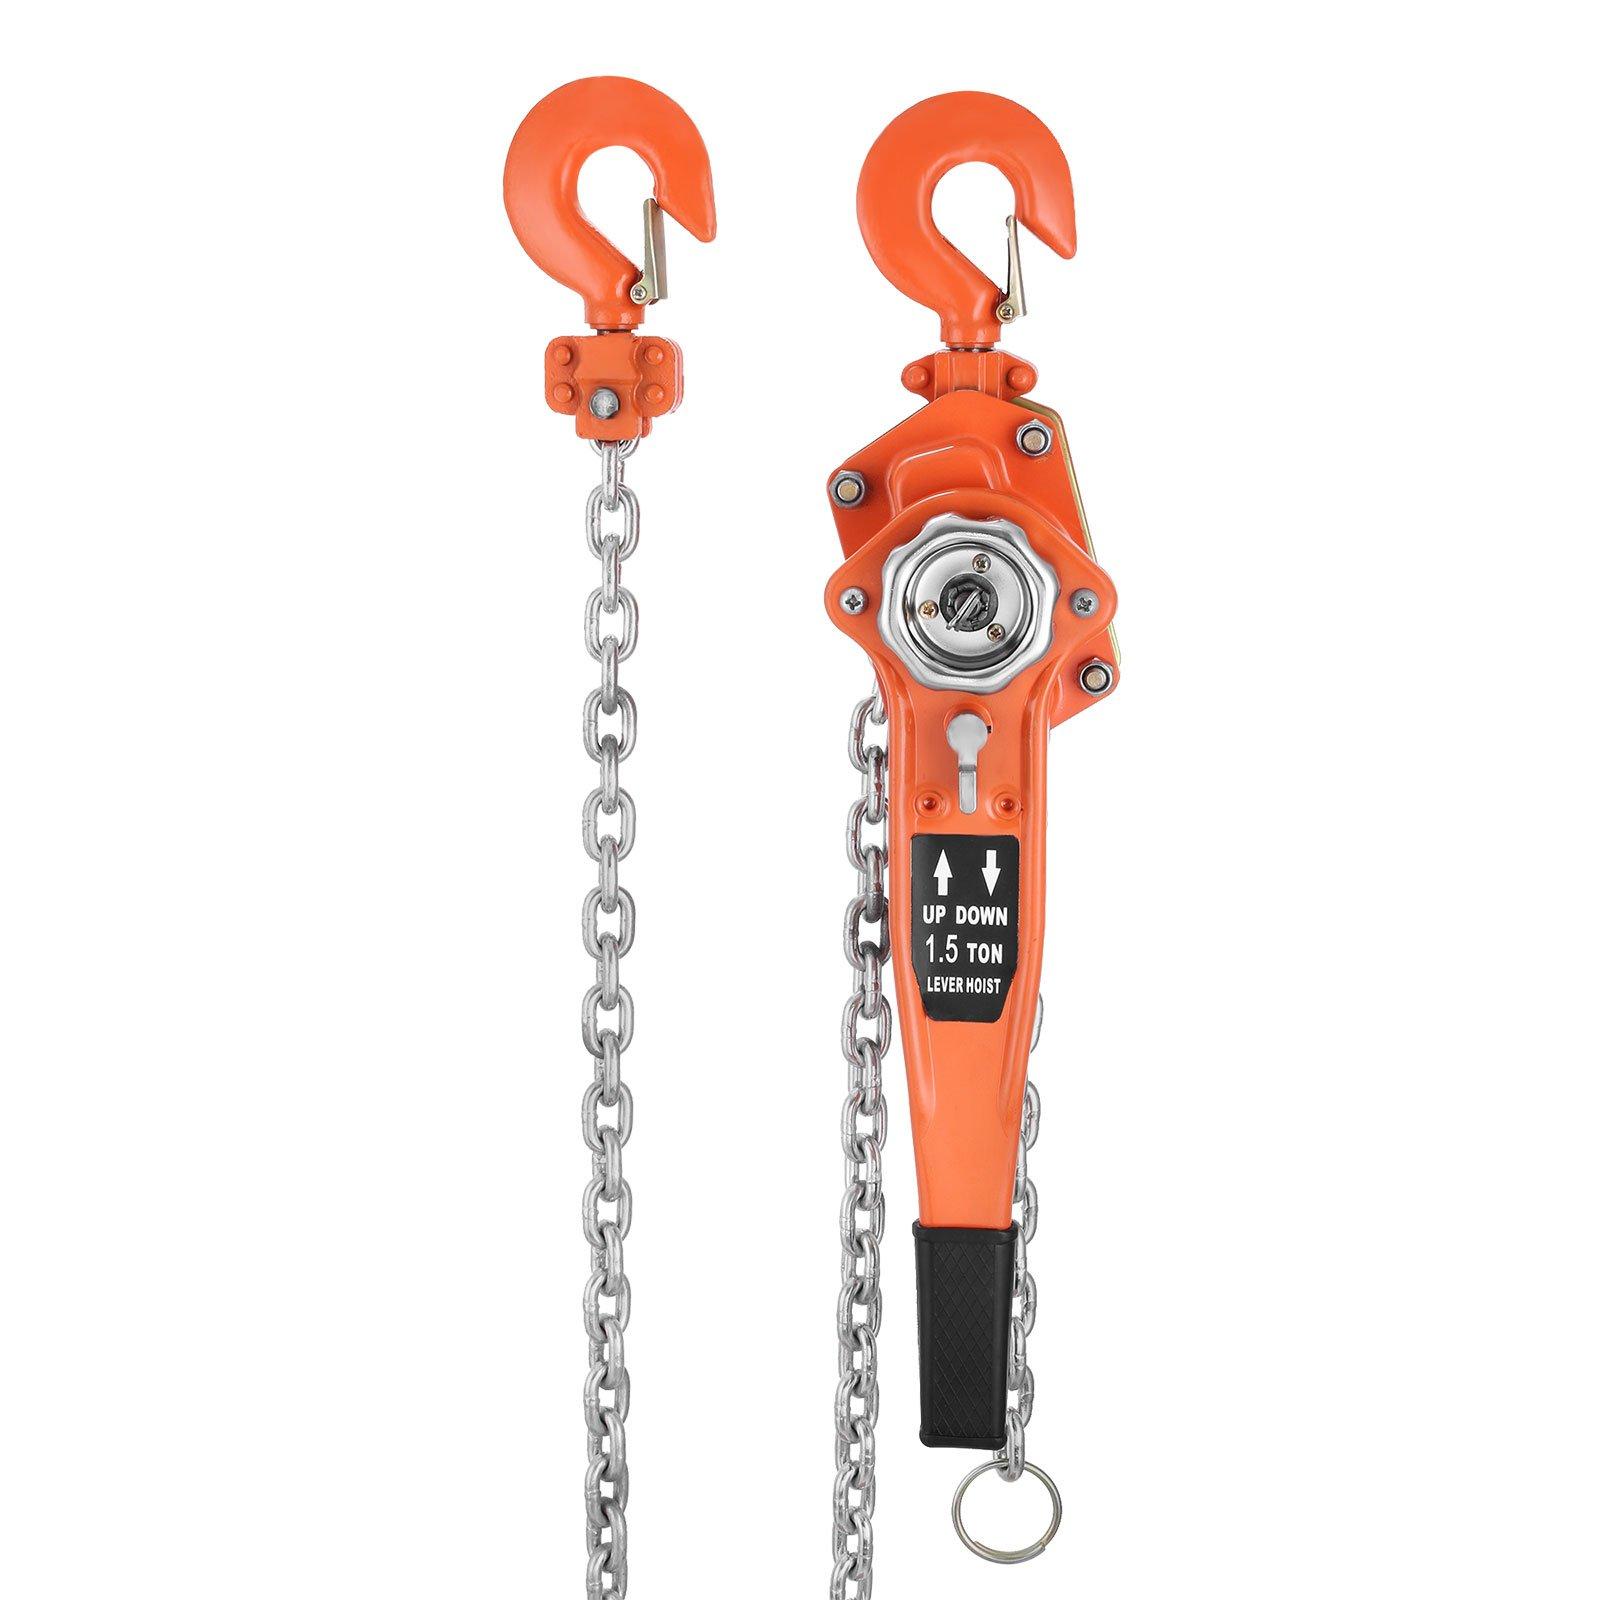 Geindus Lever Block Chain 1.5 Ton Chain Hoist 10FT Chain Block Hoist Come Along Lift Puller (1.5 ton,10ft )